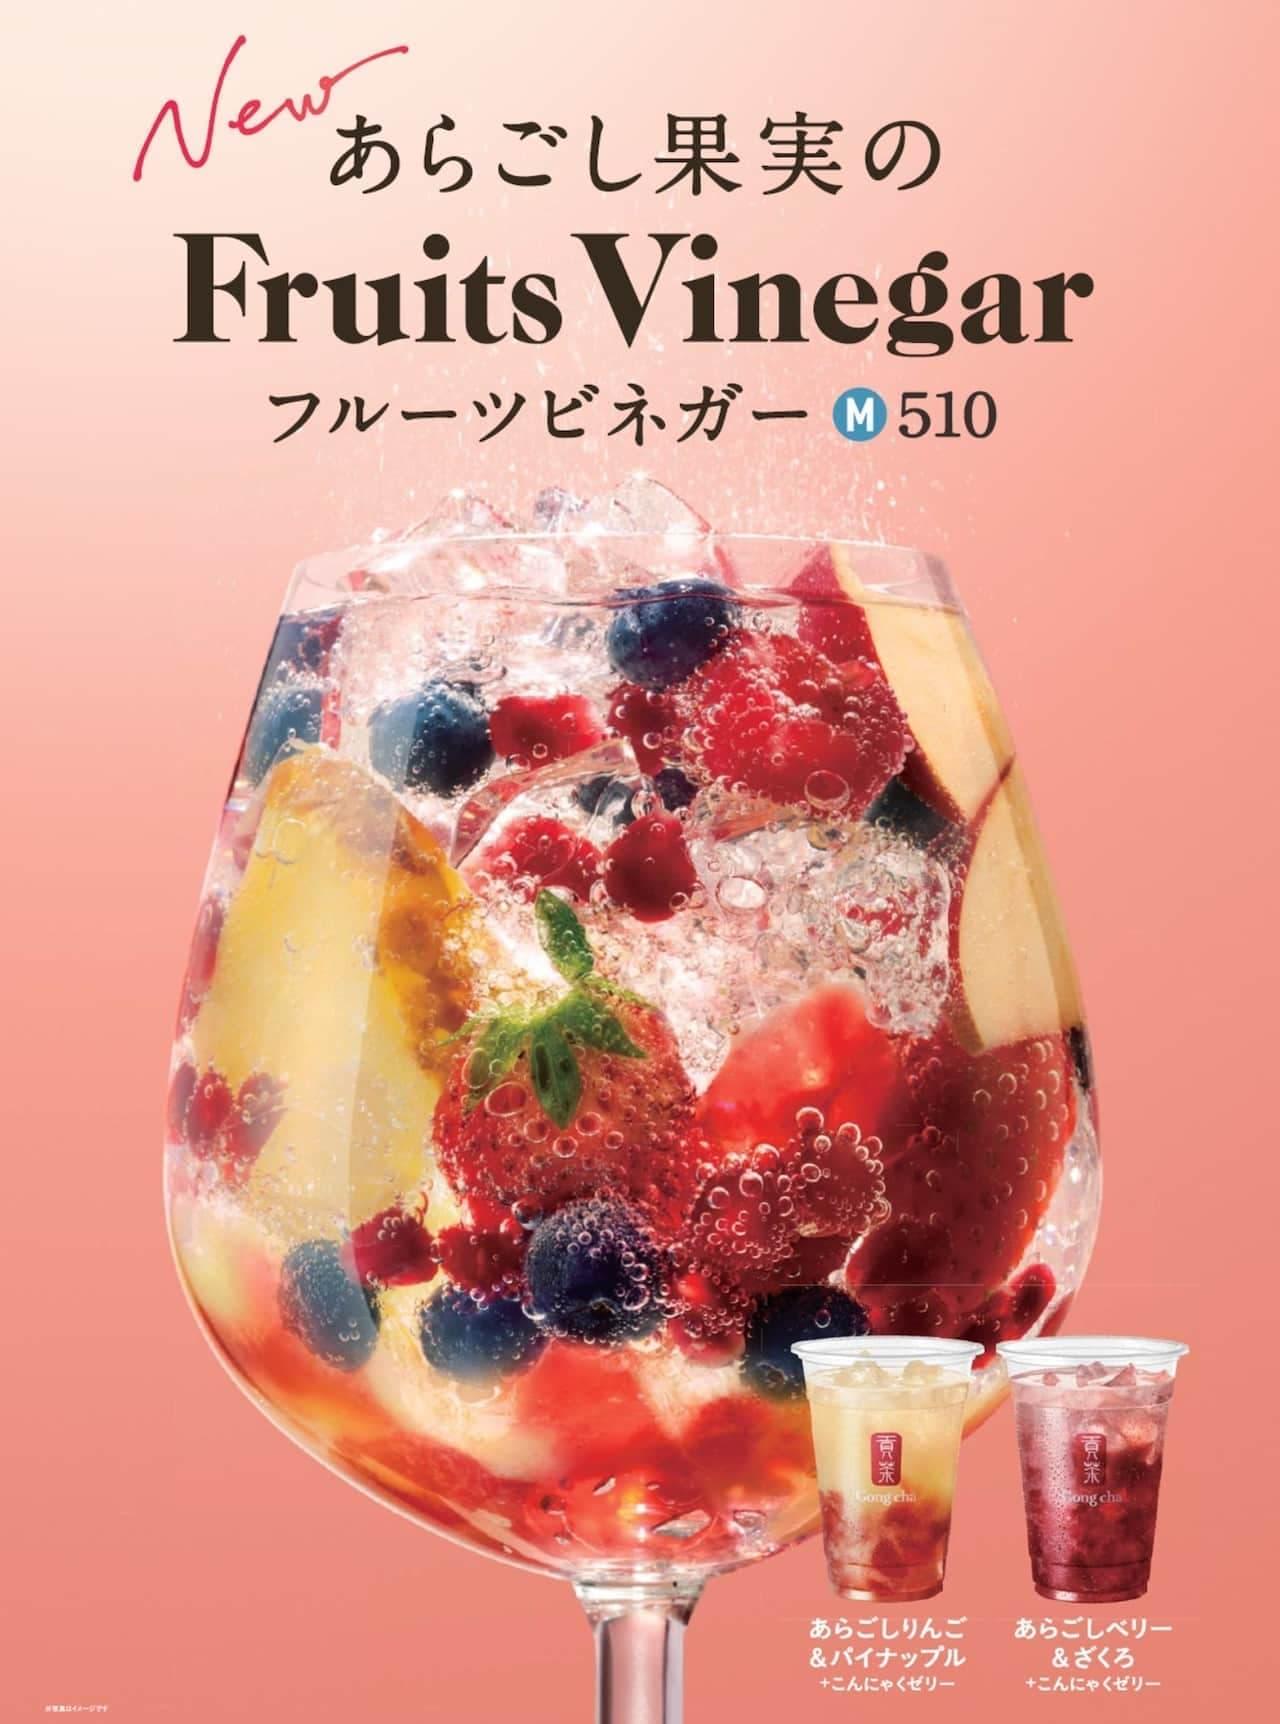 ゴンチャ「フルーツビネガー あらごしりんご&パイナップル+こんにゃくゼリー」など